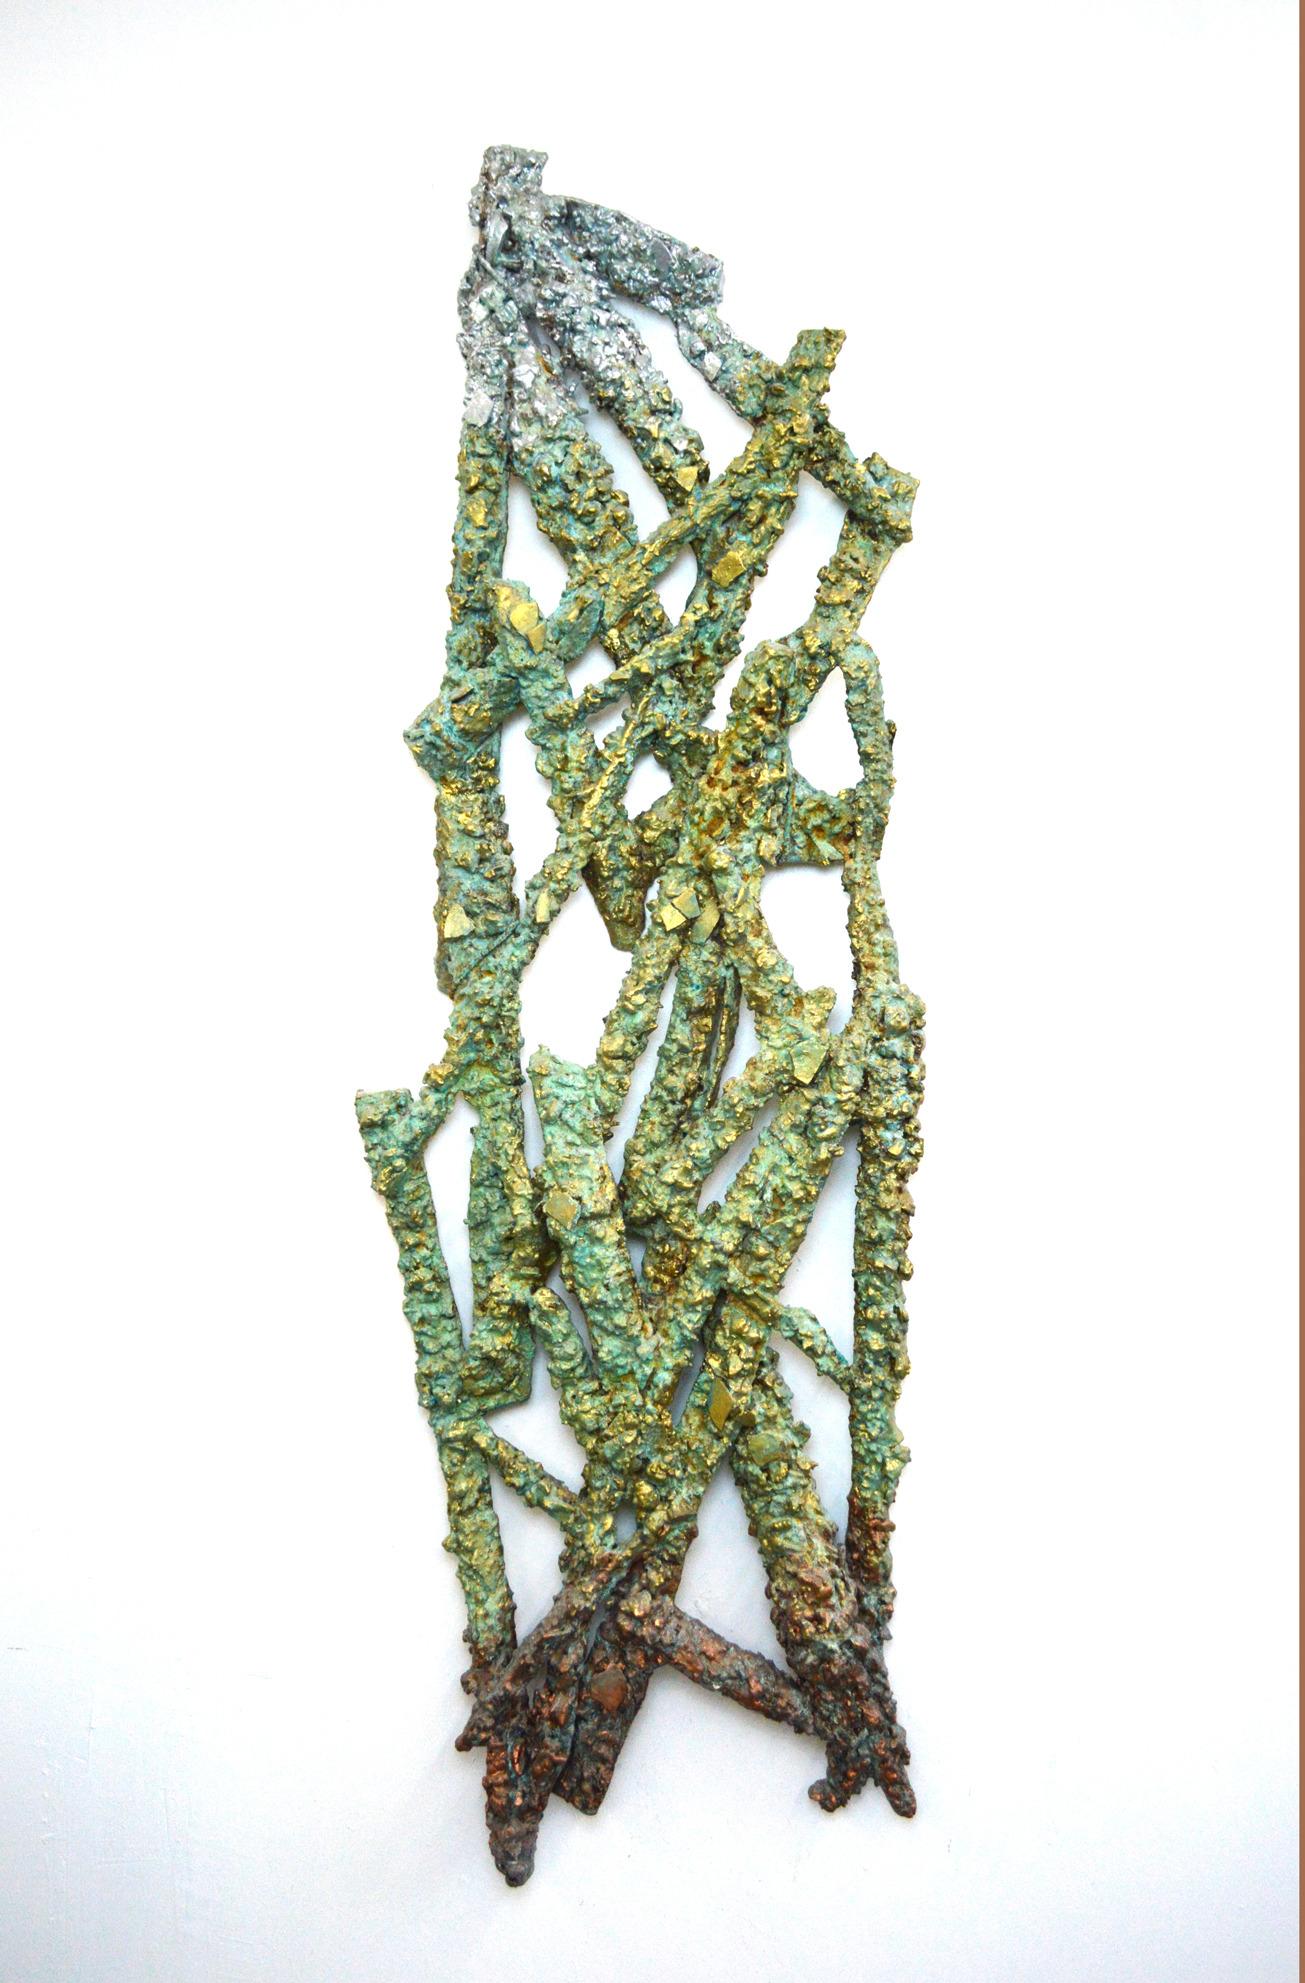 Coral entanglement g6whug